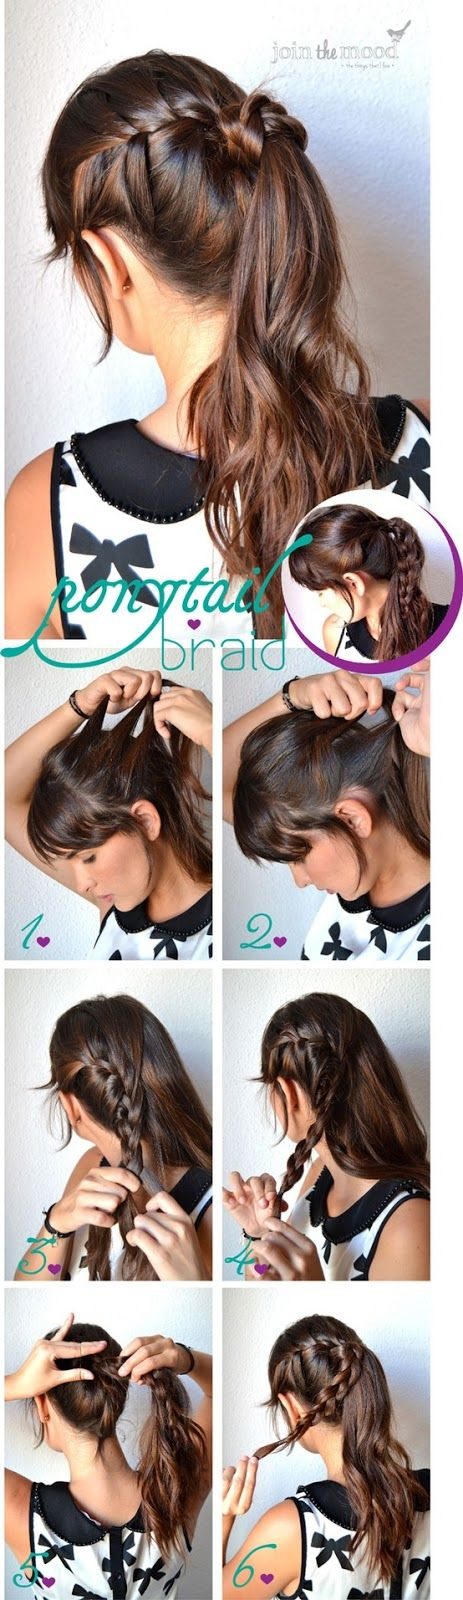 ponytail+braid+hair+tutorial.jpg 463×1,600 pixels